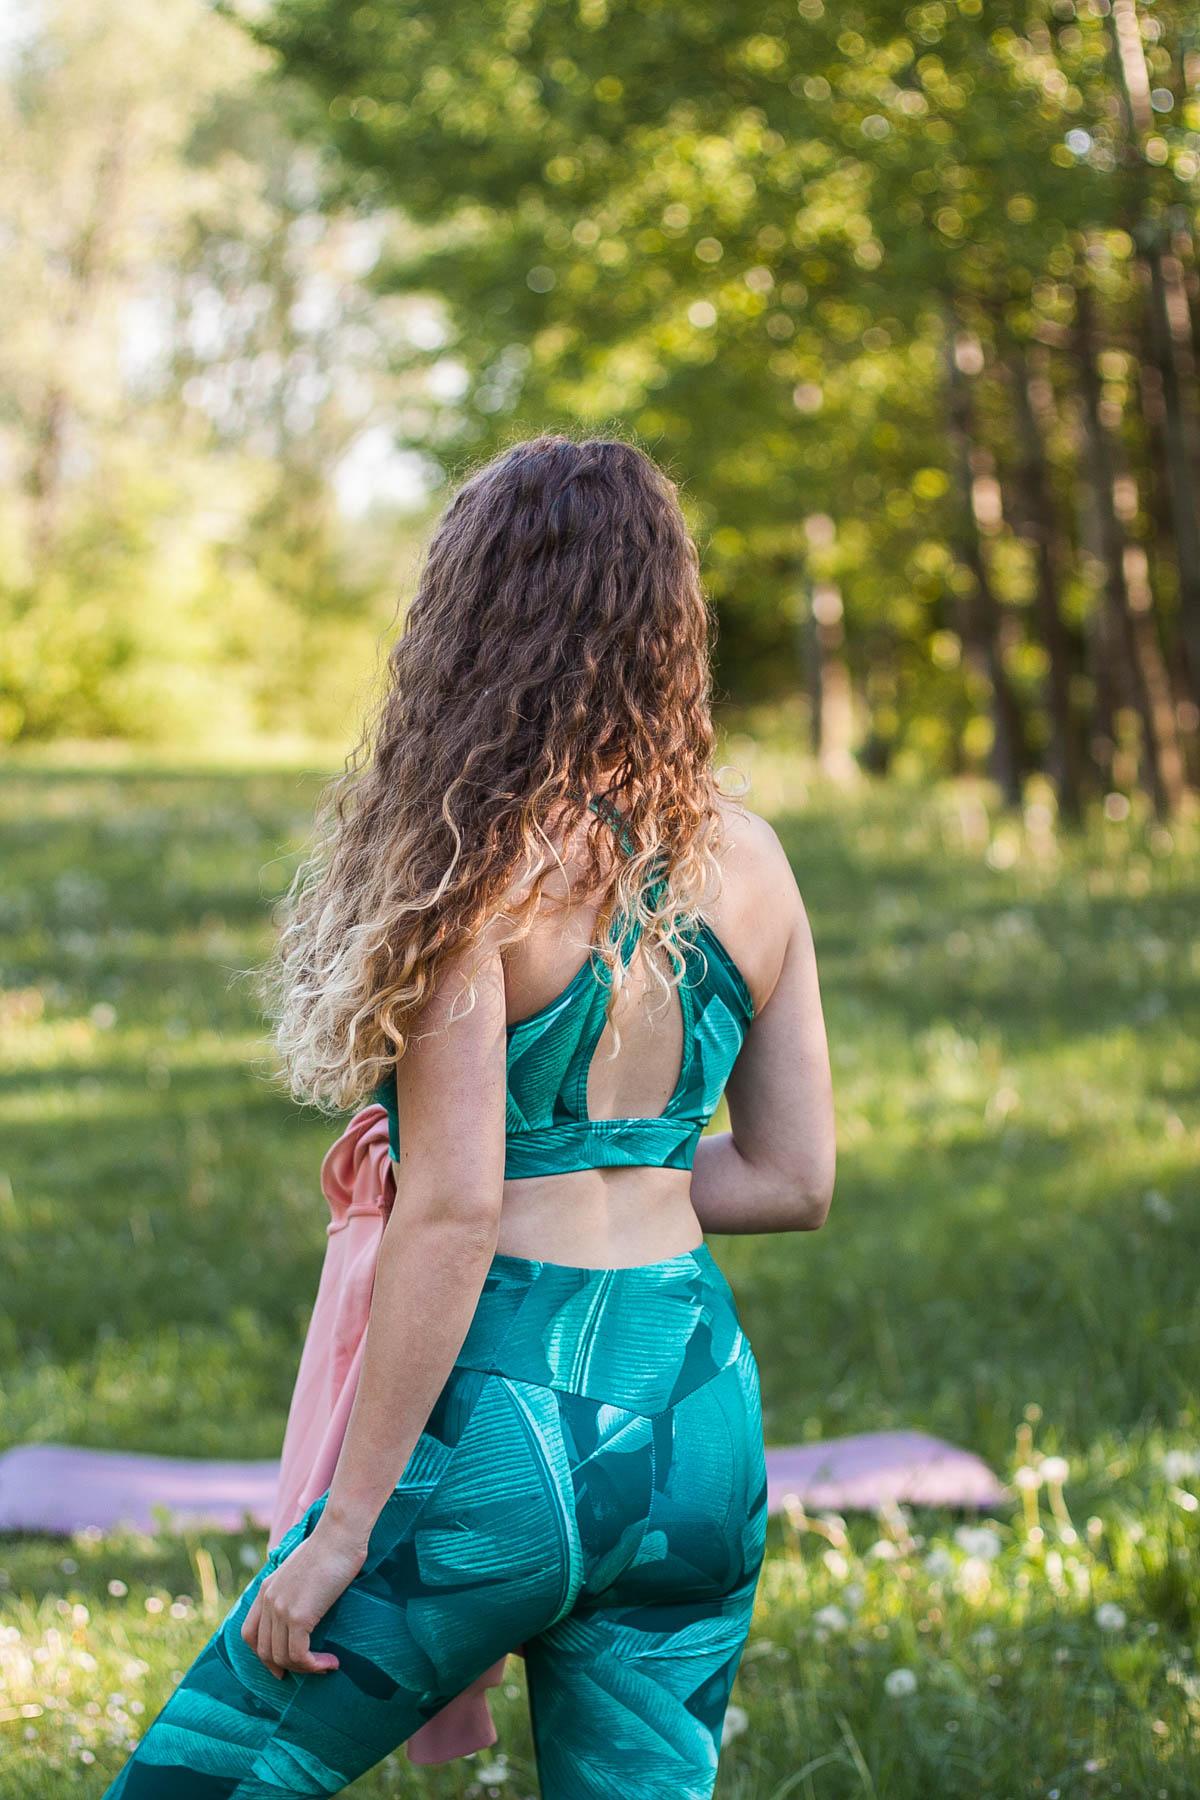 biustonosz sportowy do ćwiczeń joga 4f